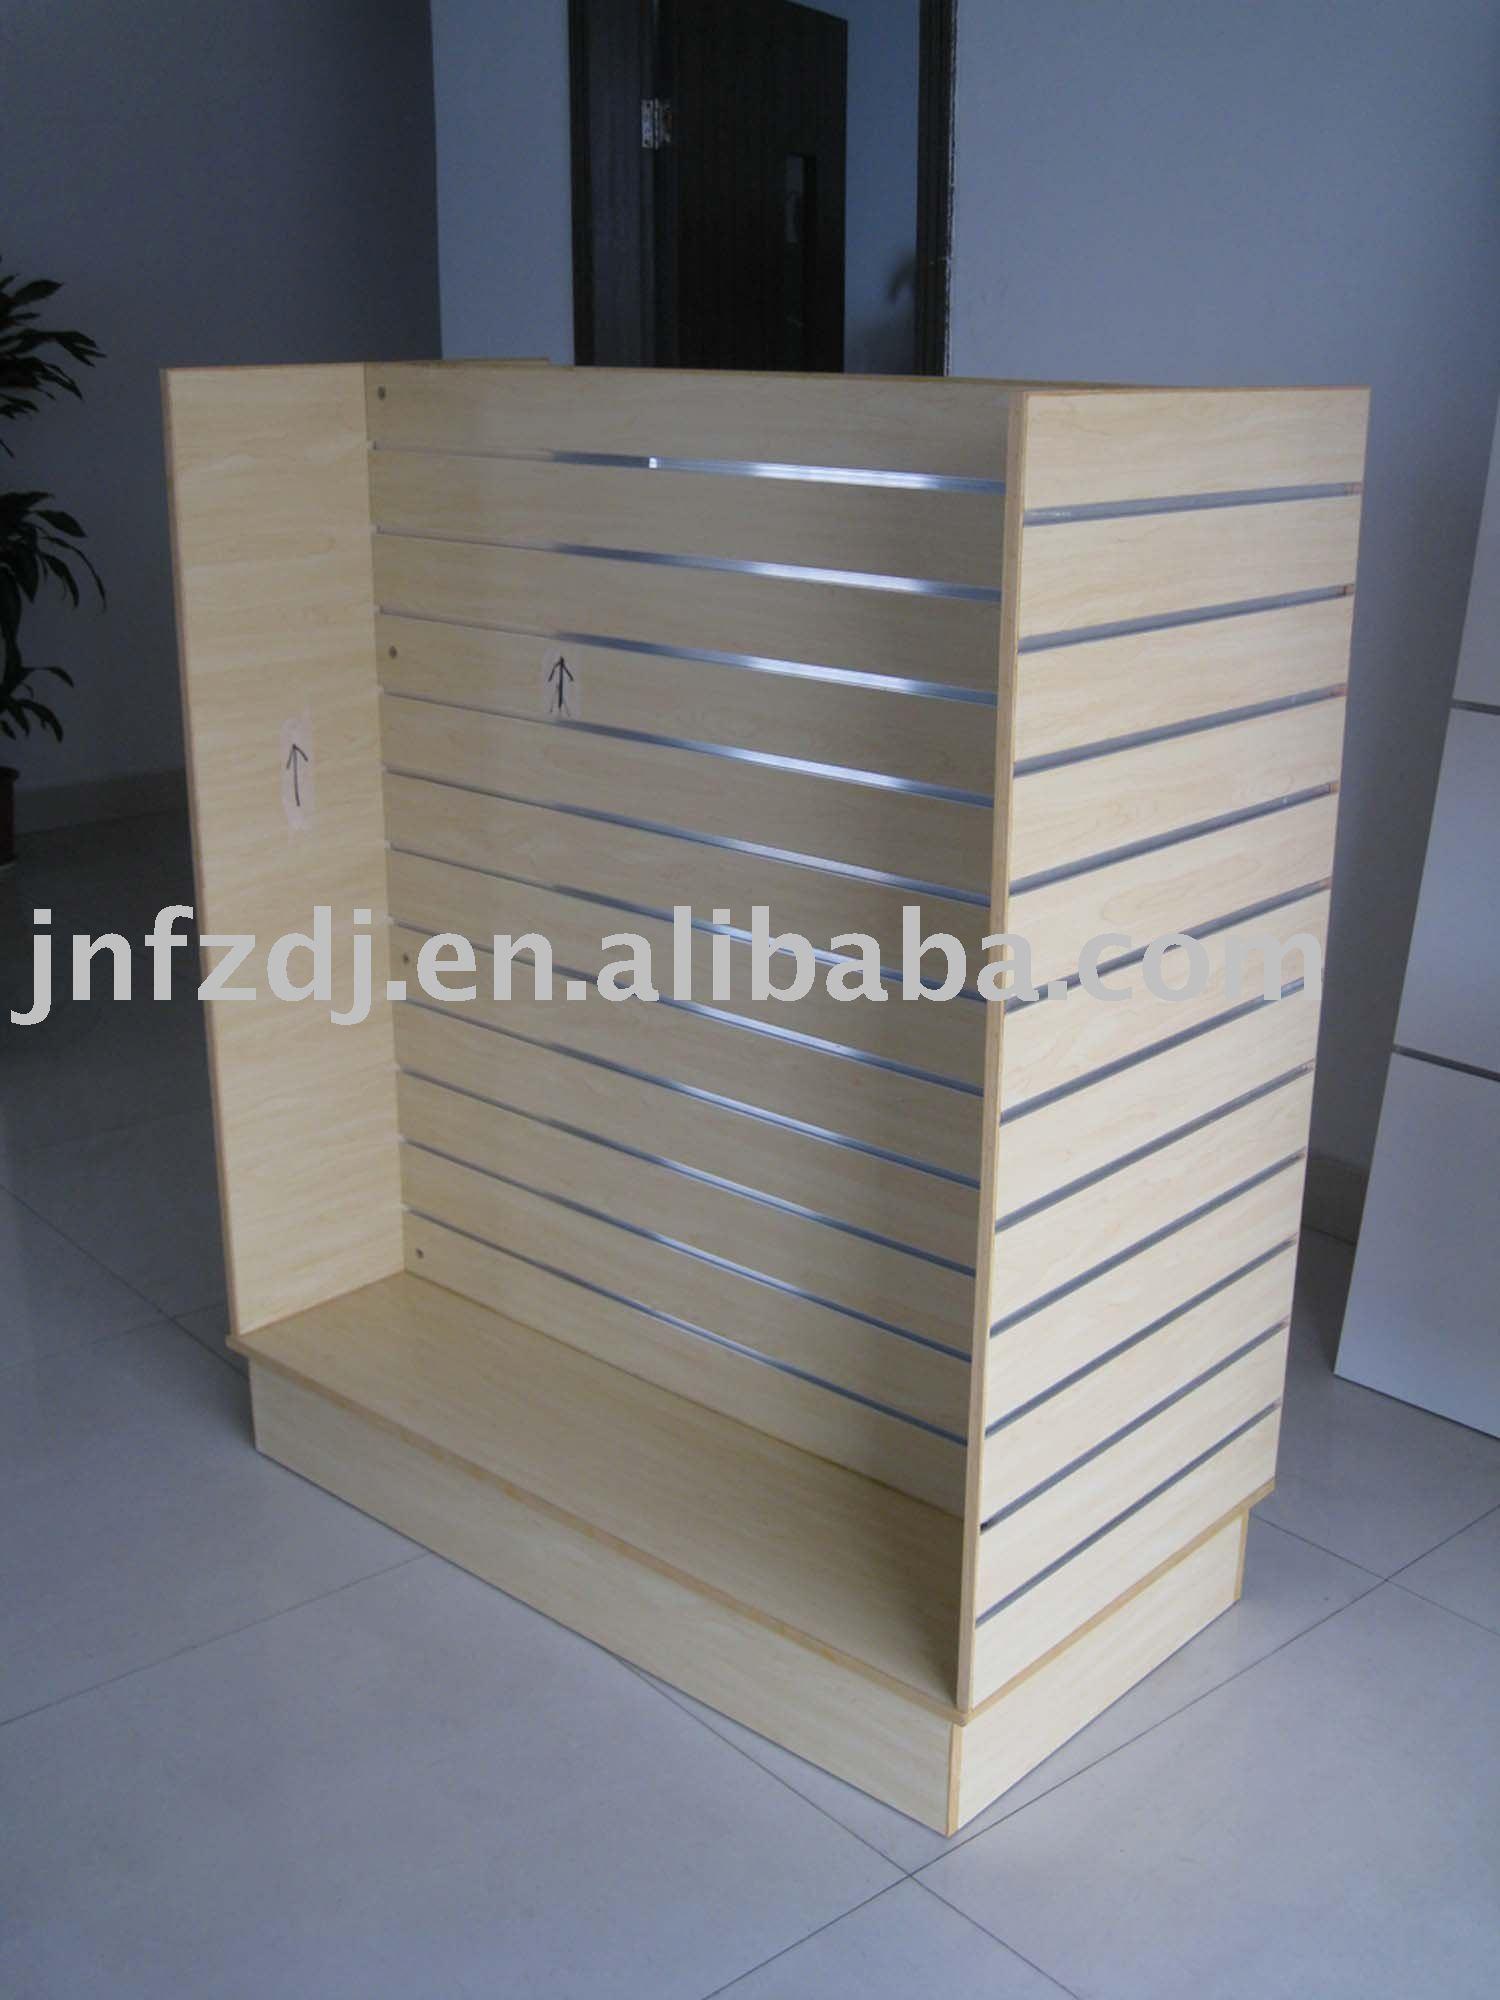 M002 g ndola estanter as accesorio del almac n tienda de for La gondola muebles